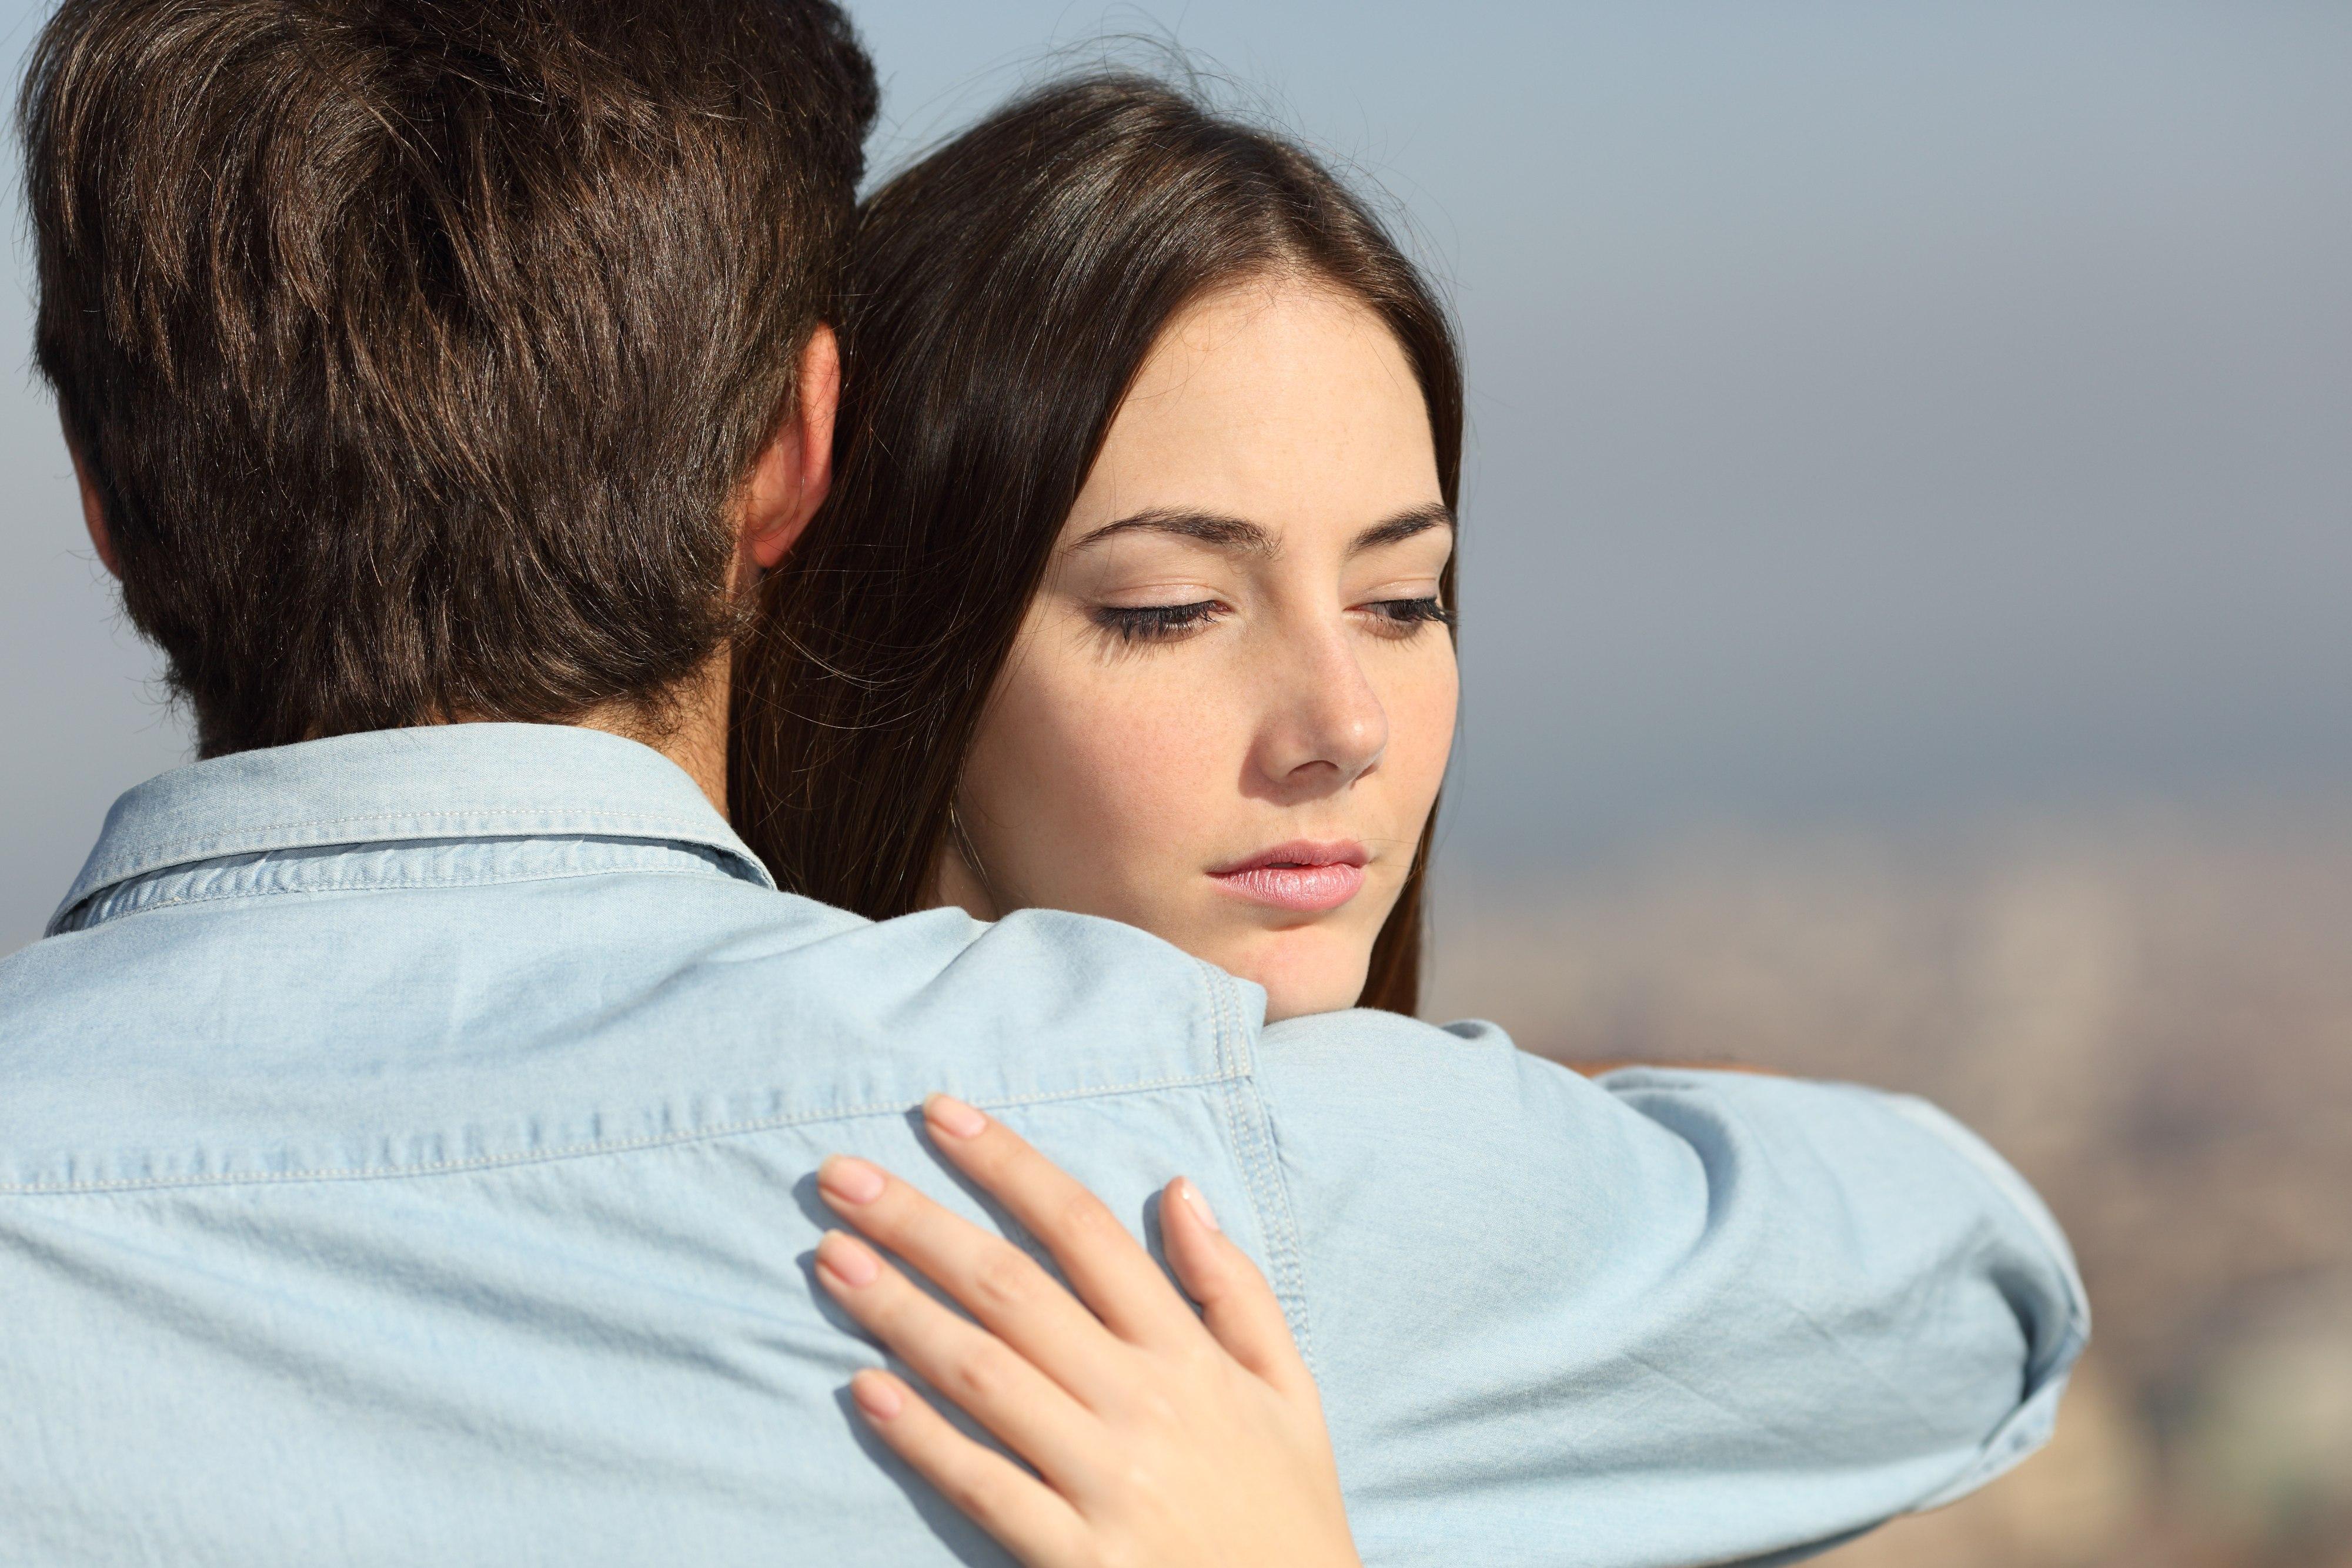 Lęk przed bliskości to często tak naprawdę lęk przed emocjami, które ta bliskość może wyzwolić (fot. Shutterstock.com)